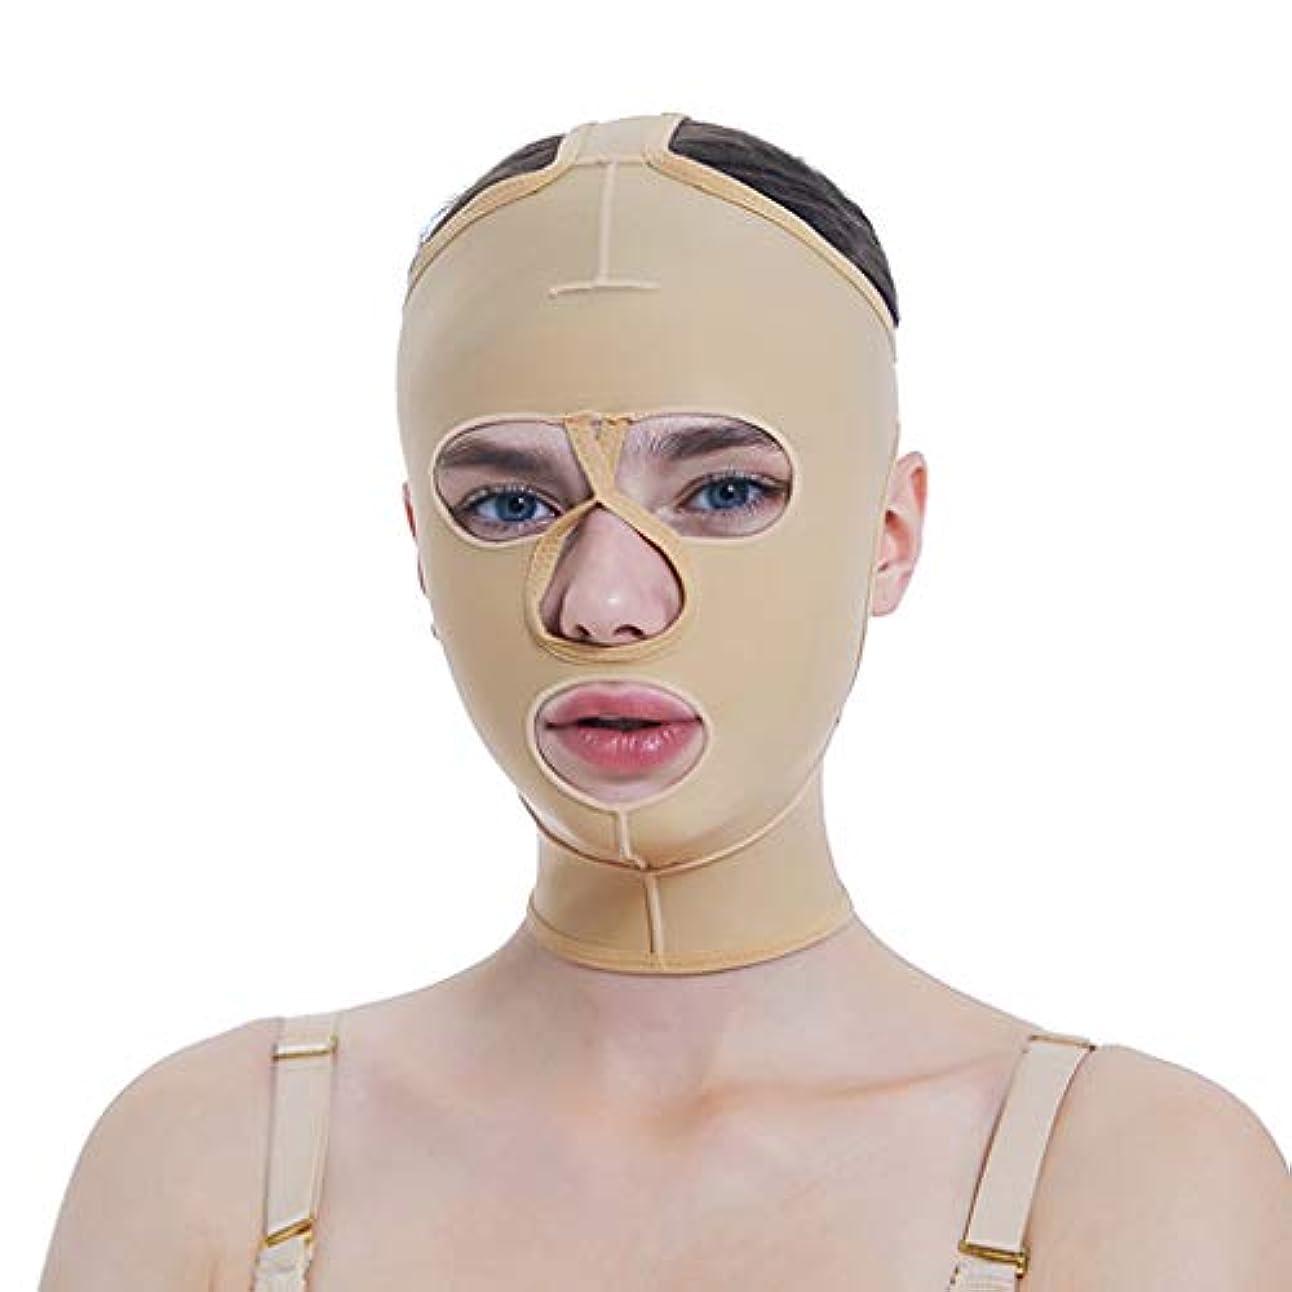 地下鉄正統派羊脂肪吸引成形マスク、薄手かつらVフェイスビームフェイス弾性スリーブマルチサイズオプション (Size : S)